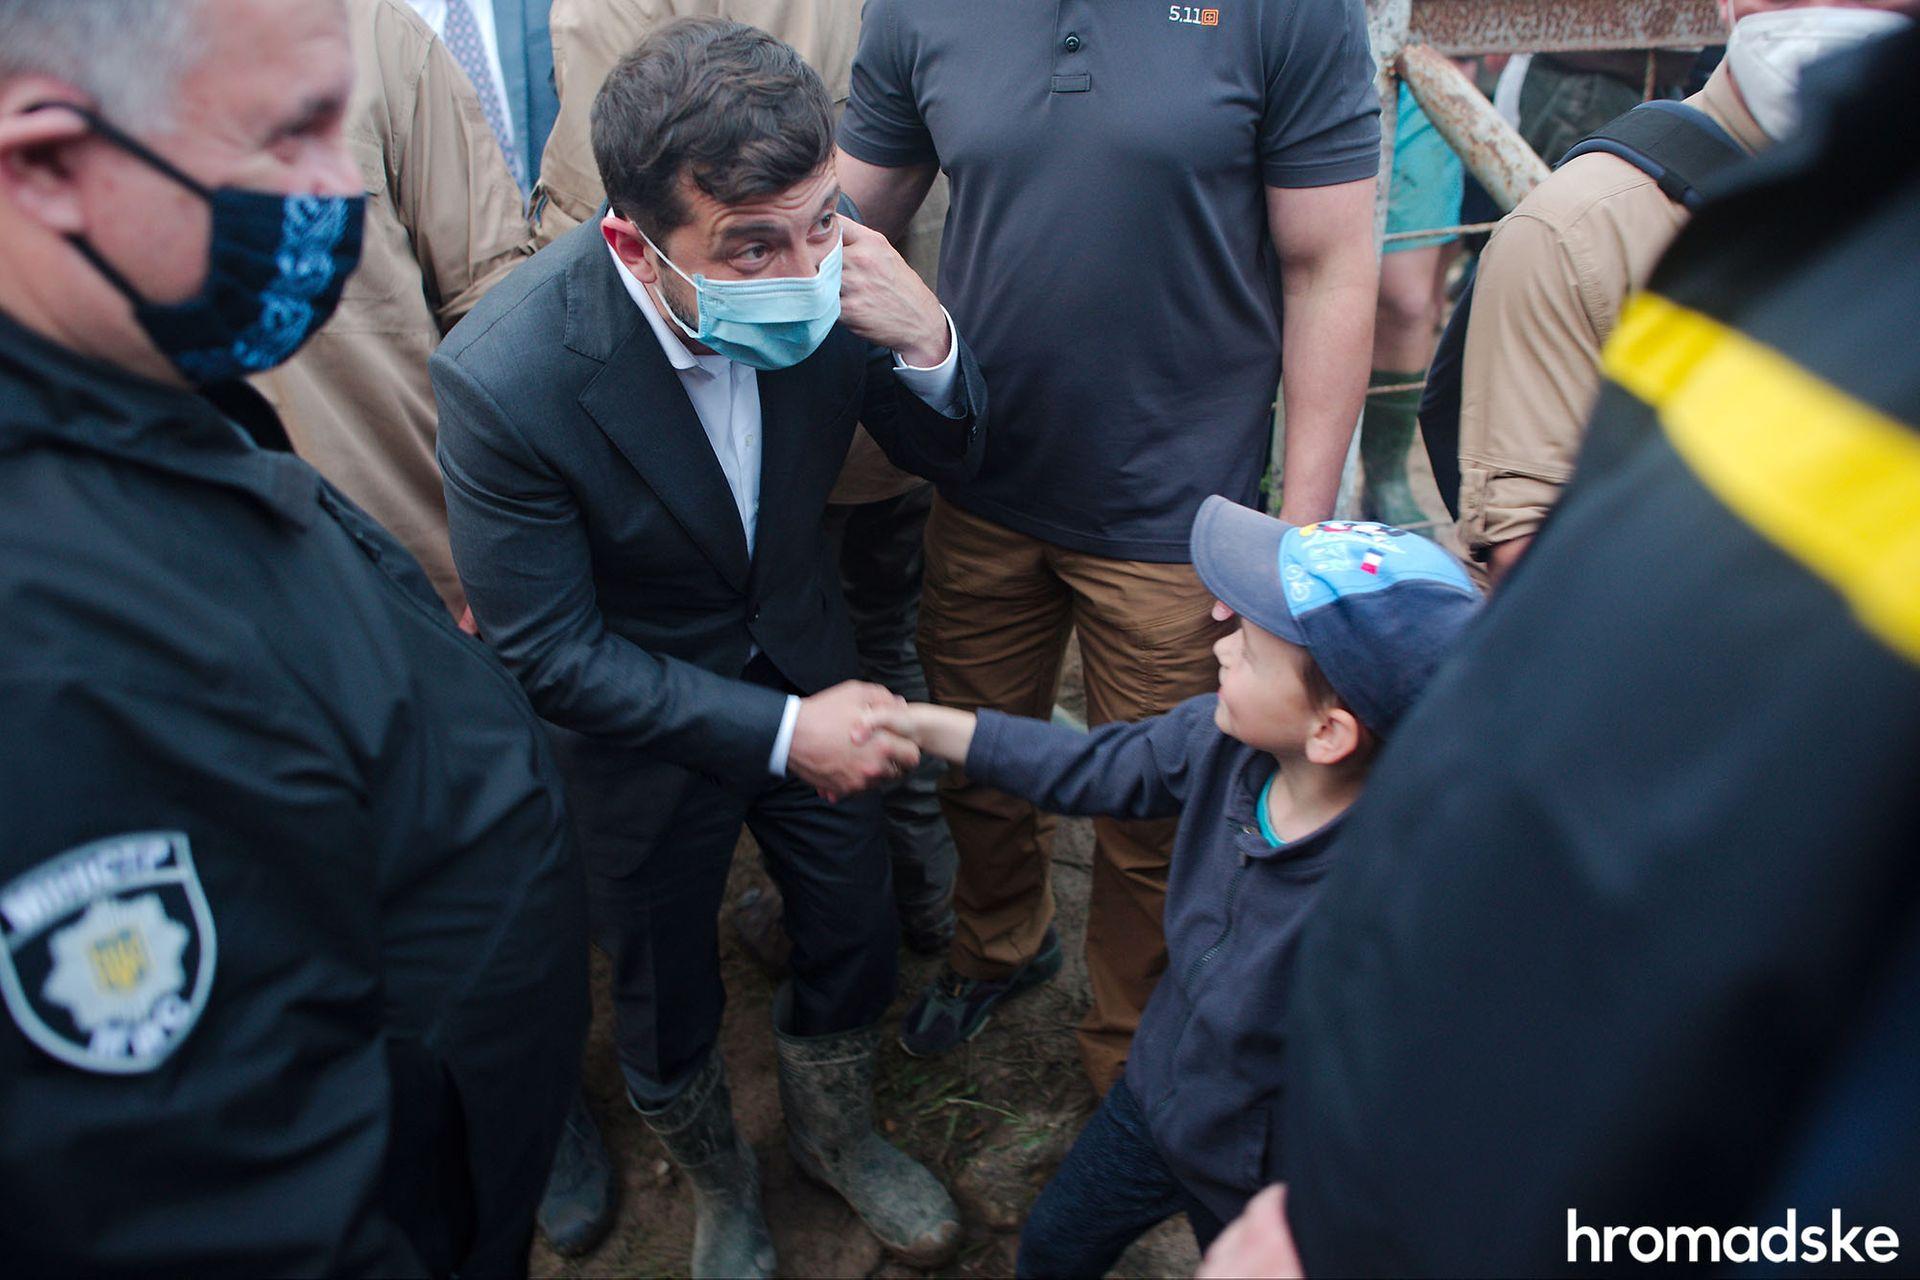 Чоботи президенту: на Прикарпатті селянин подарував зеленському гумові чоботи. ФОТО